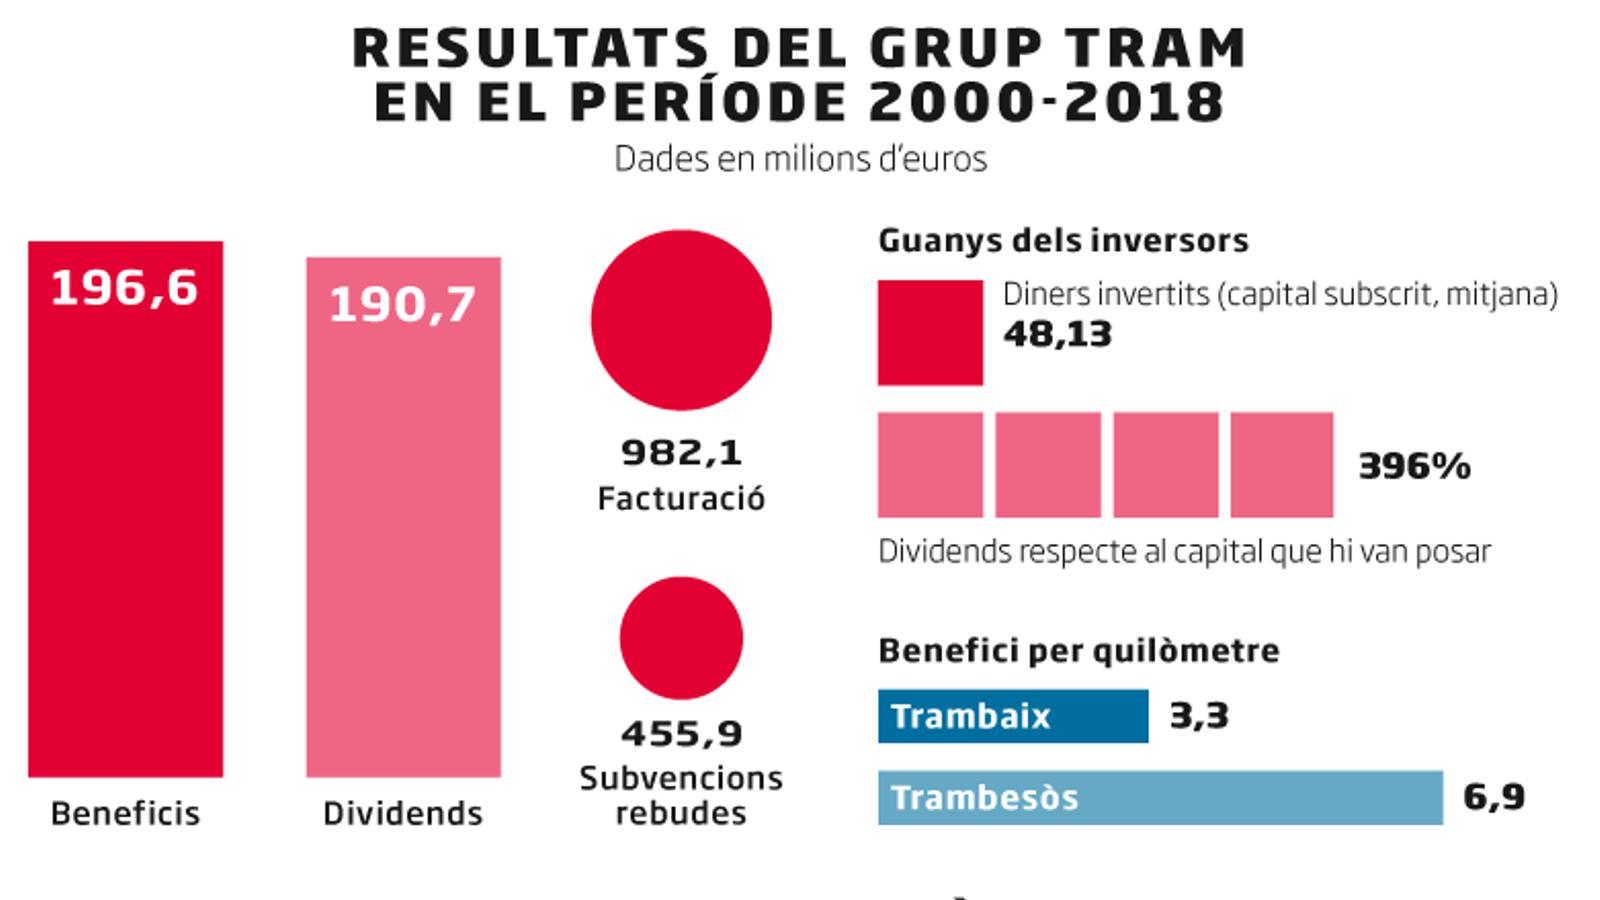 El Trambesòs ha repartit més dividends que beneficis ha generat